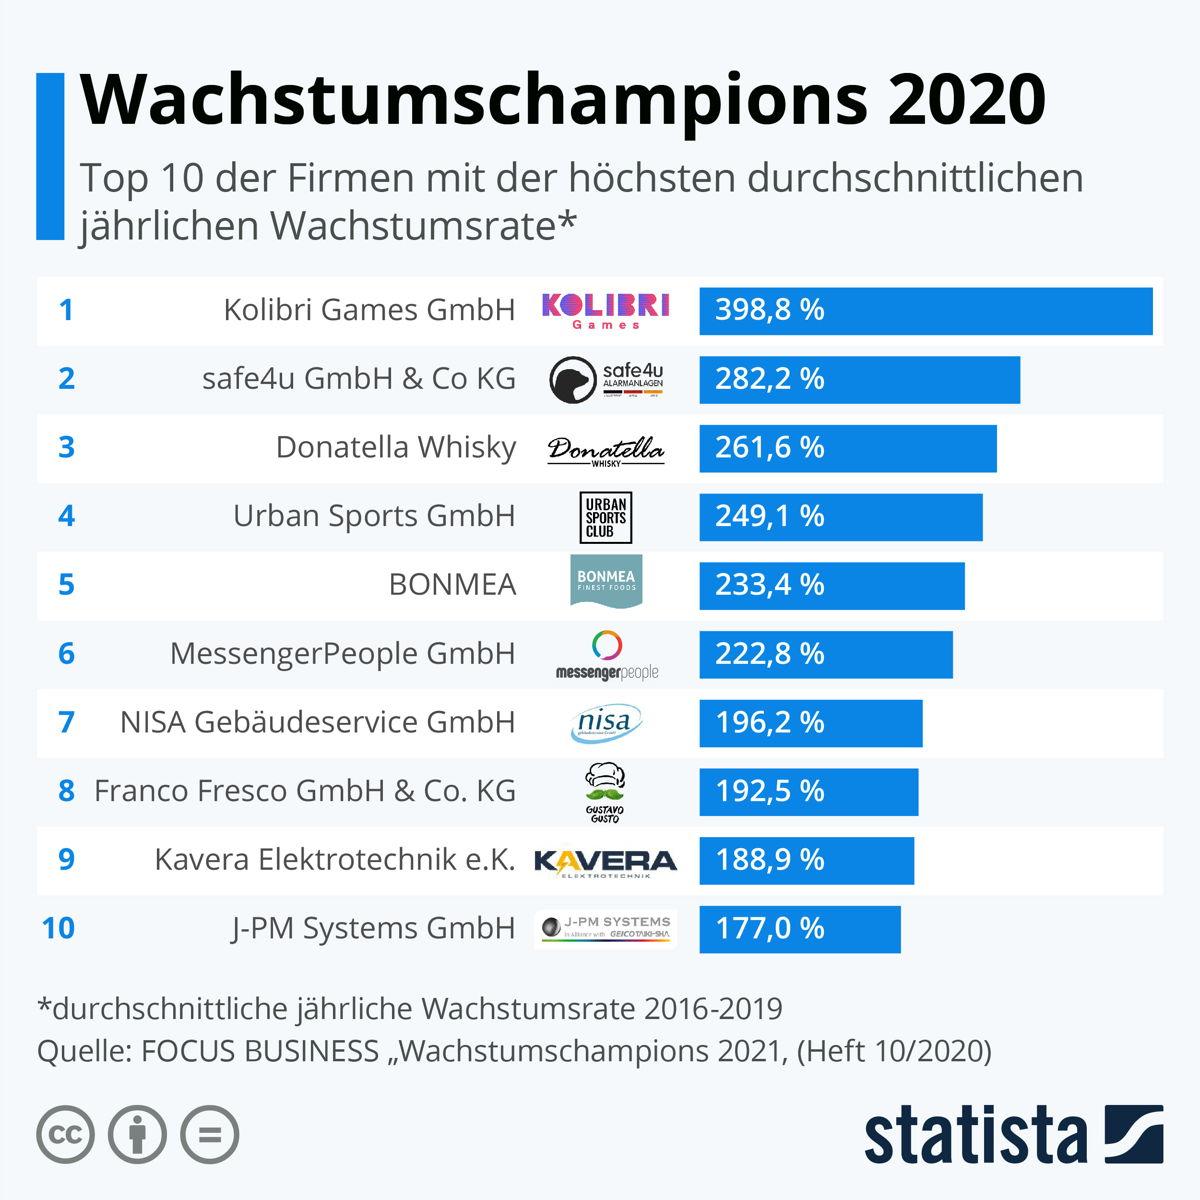 Source: https://de.statista.com/presse/p/wachstumschampions_2021/